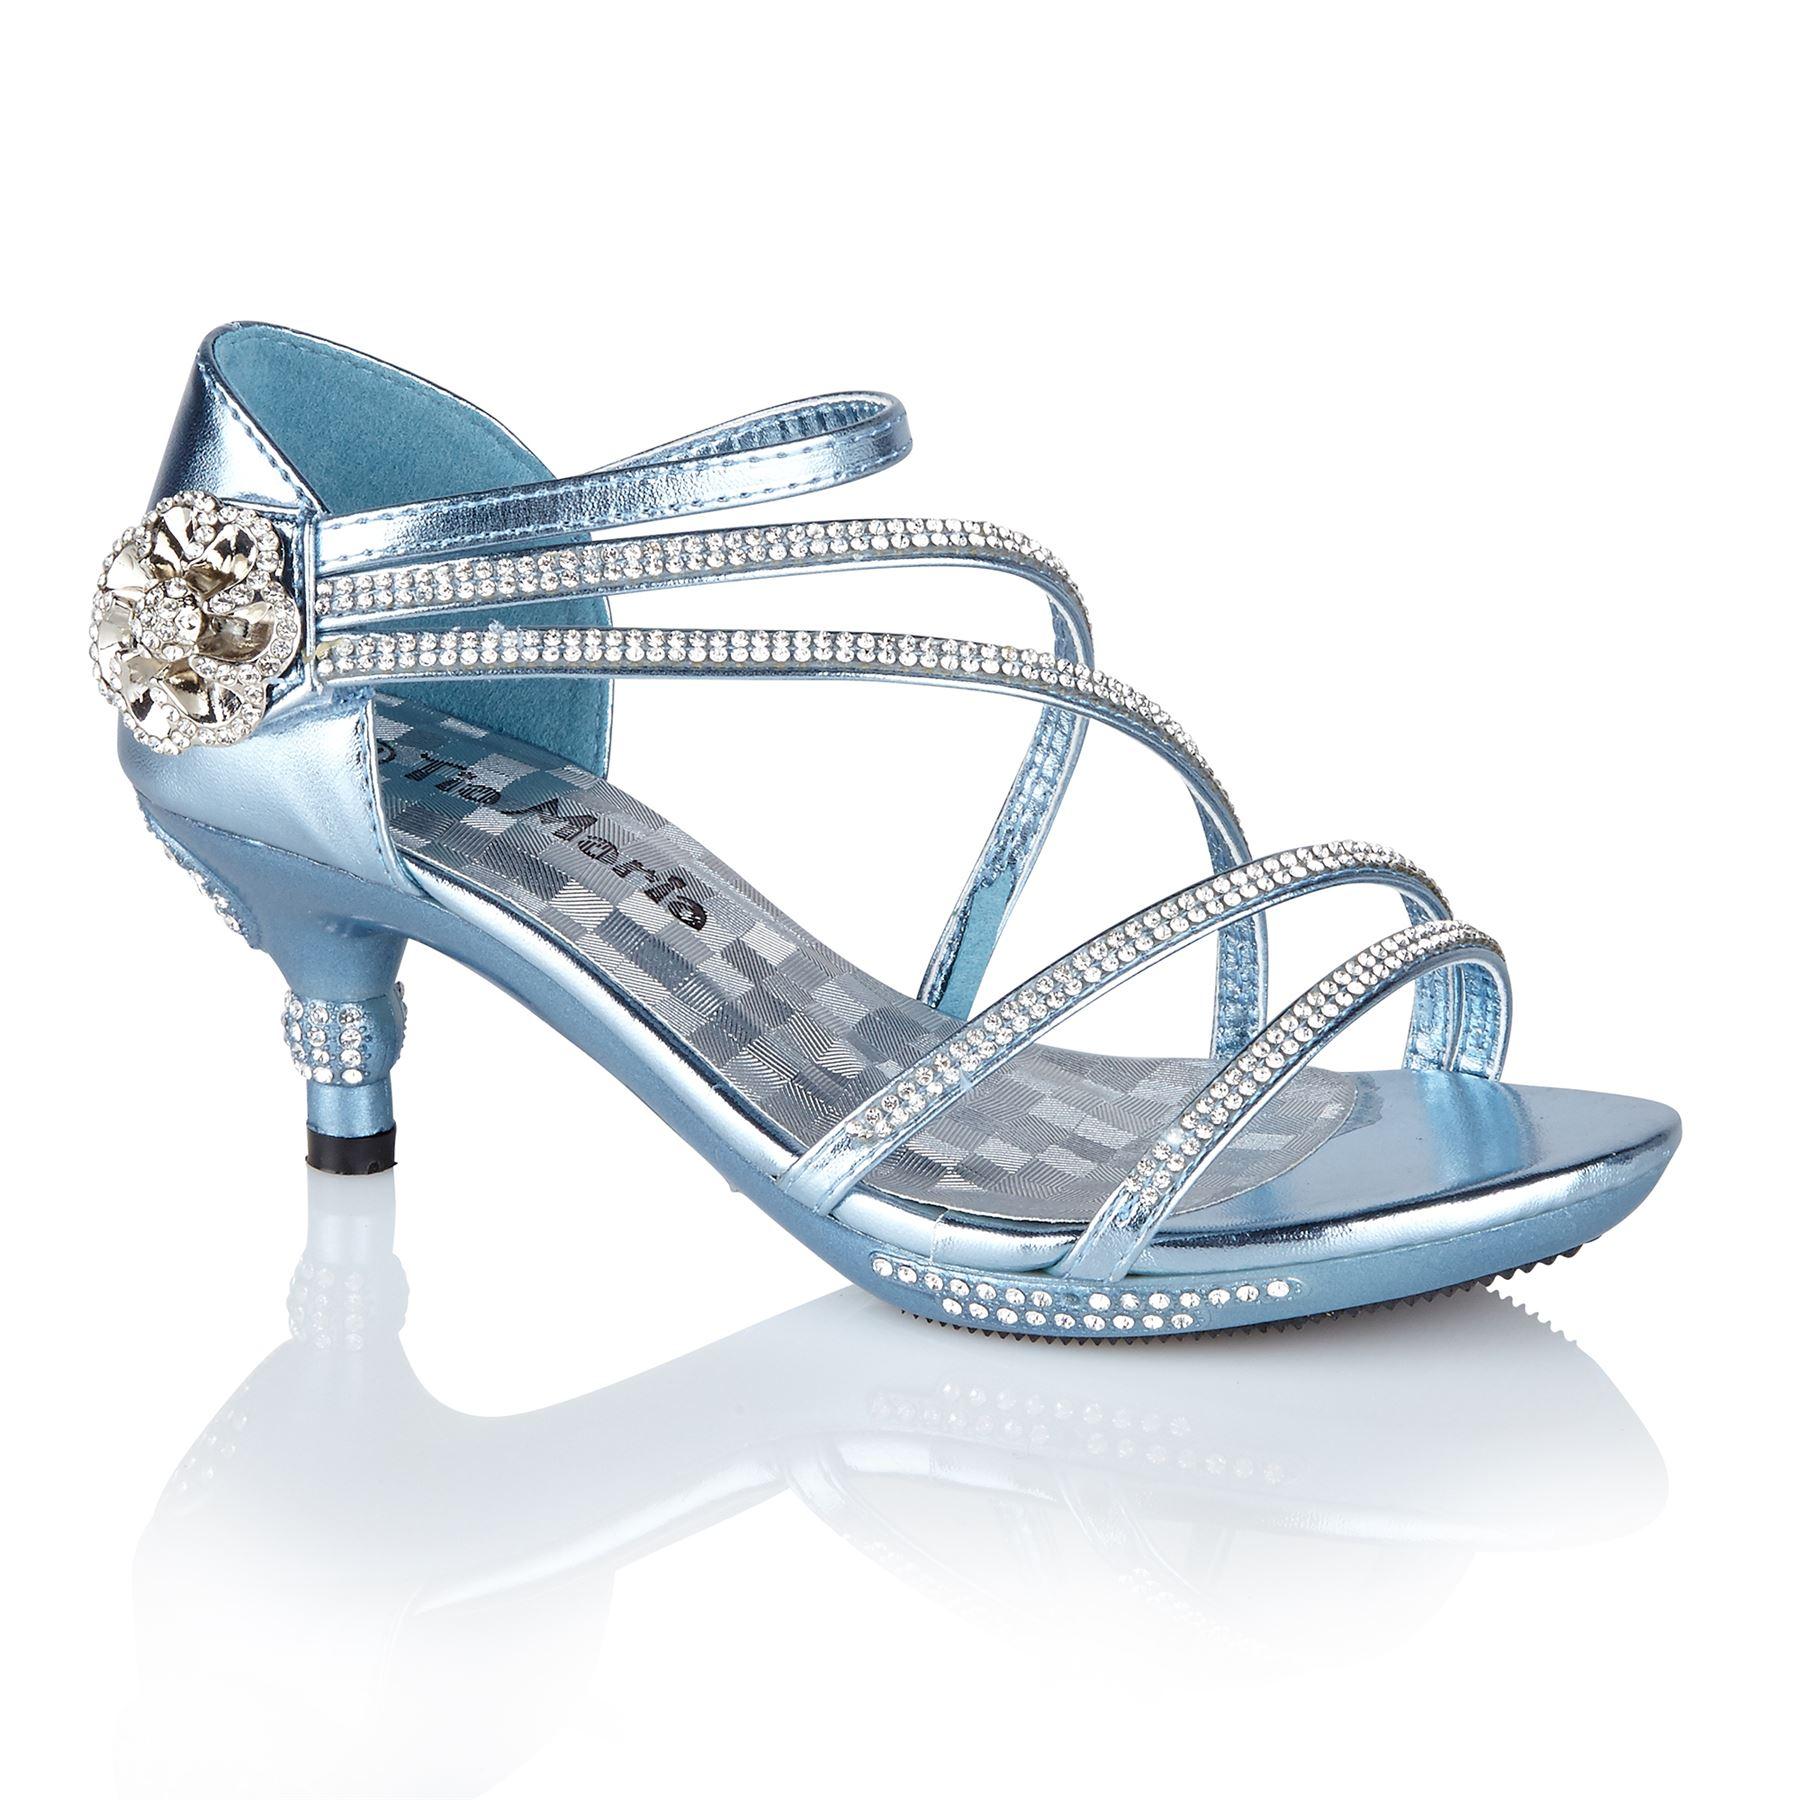 12 mid heel diamante wedding sandals